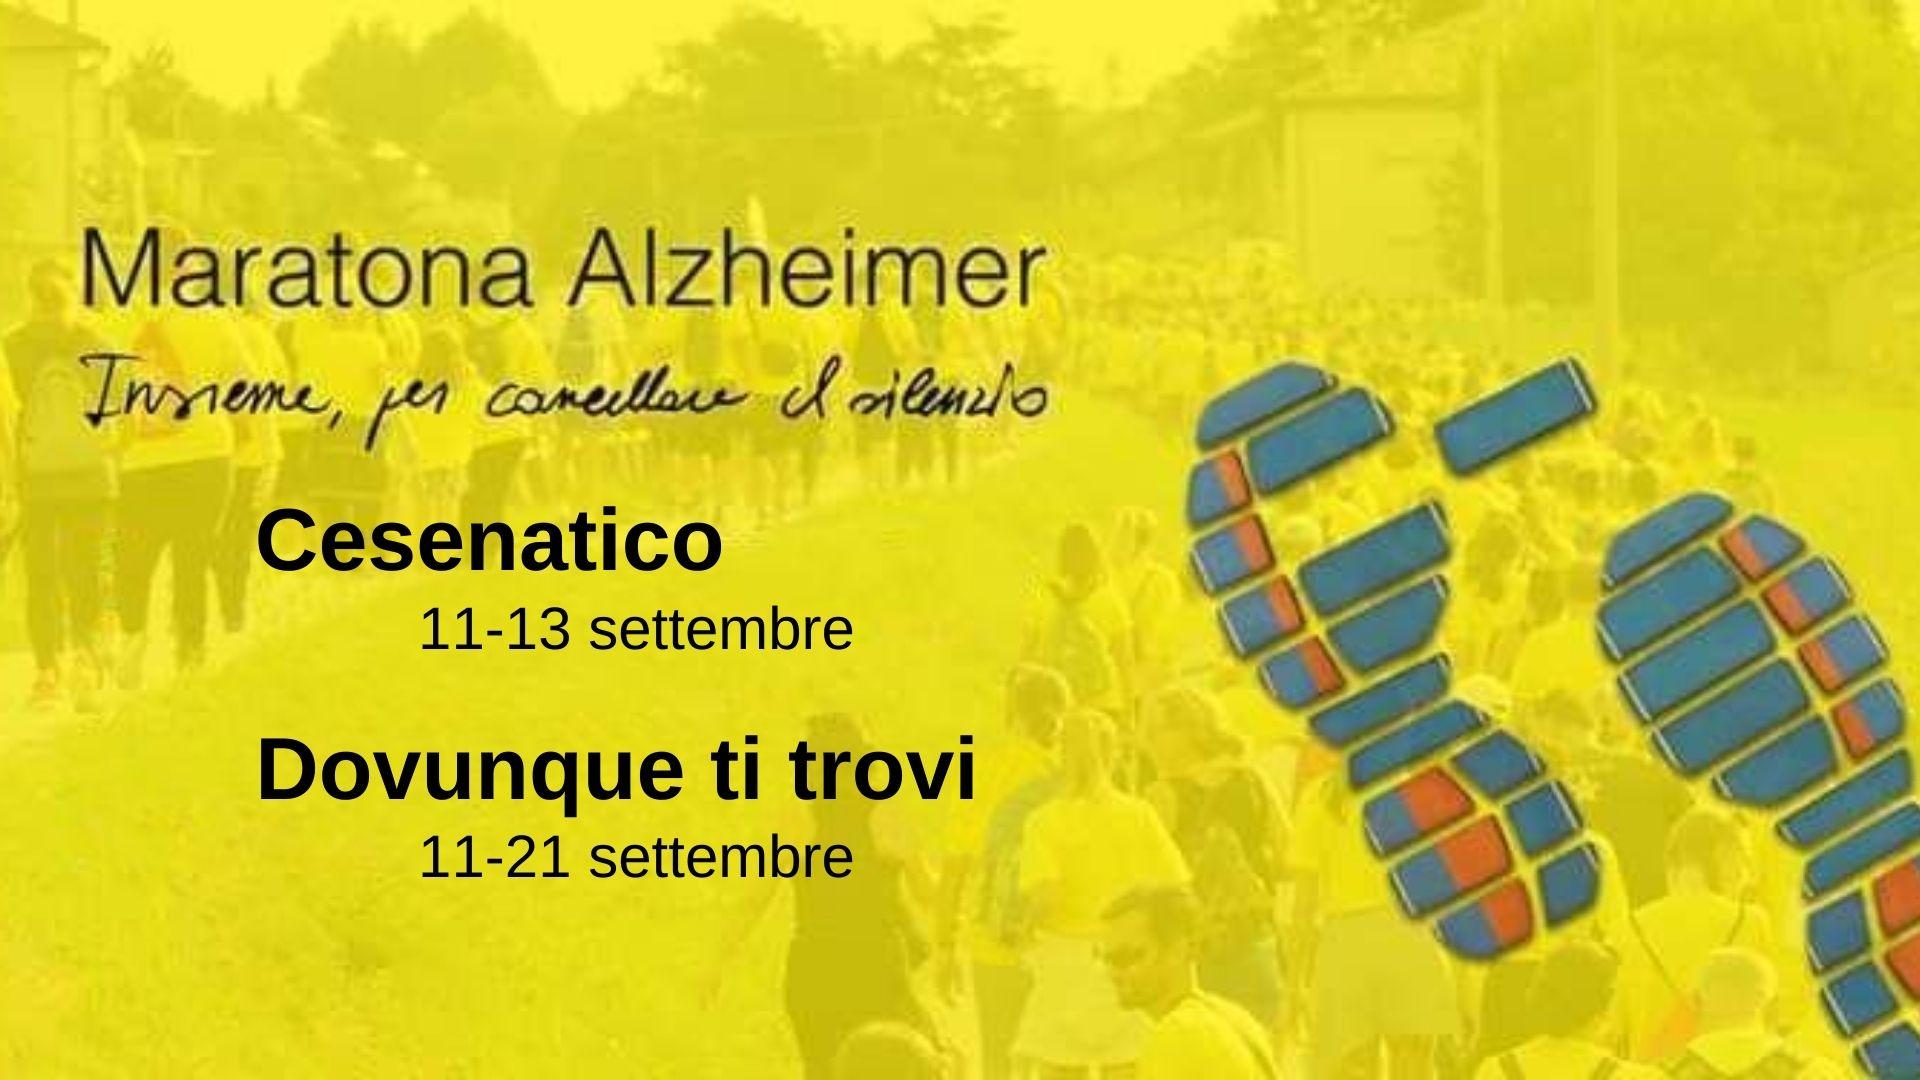 Maratona Alzheimer - Edizione Speciale 2020